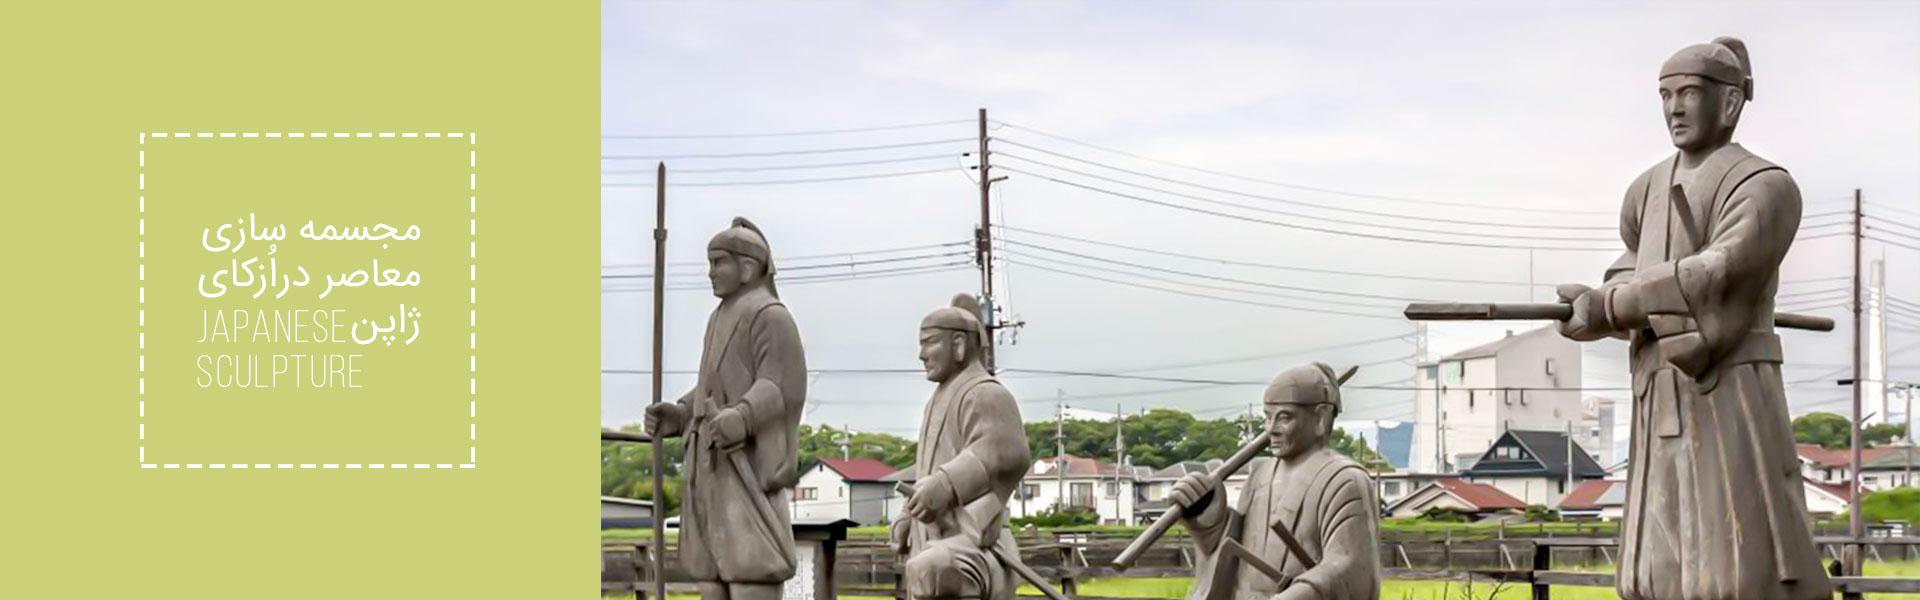 مجسمه سازی در ژاپن1